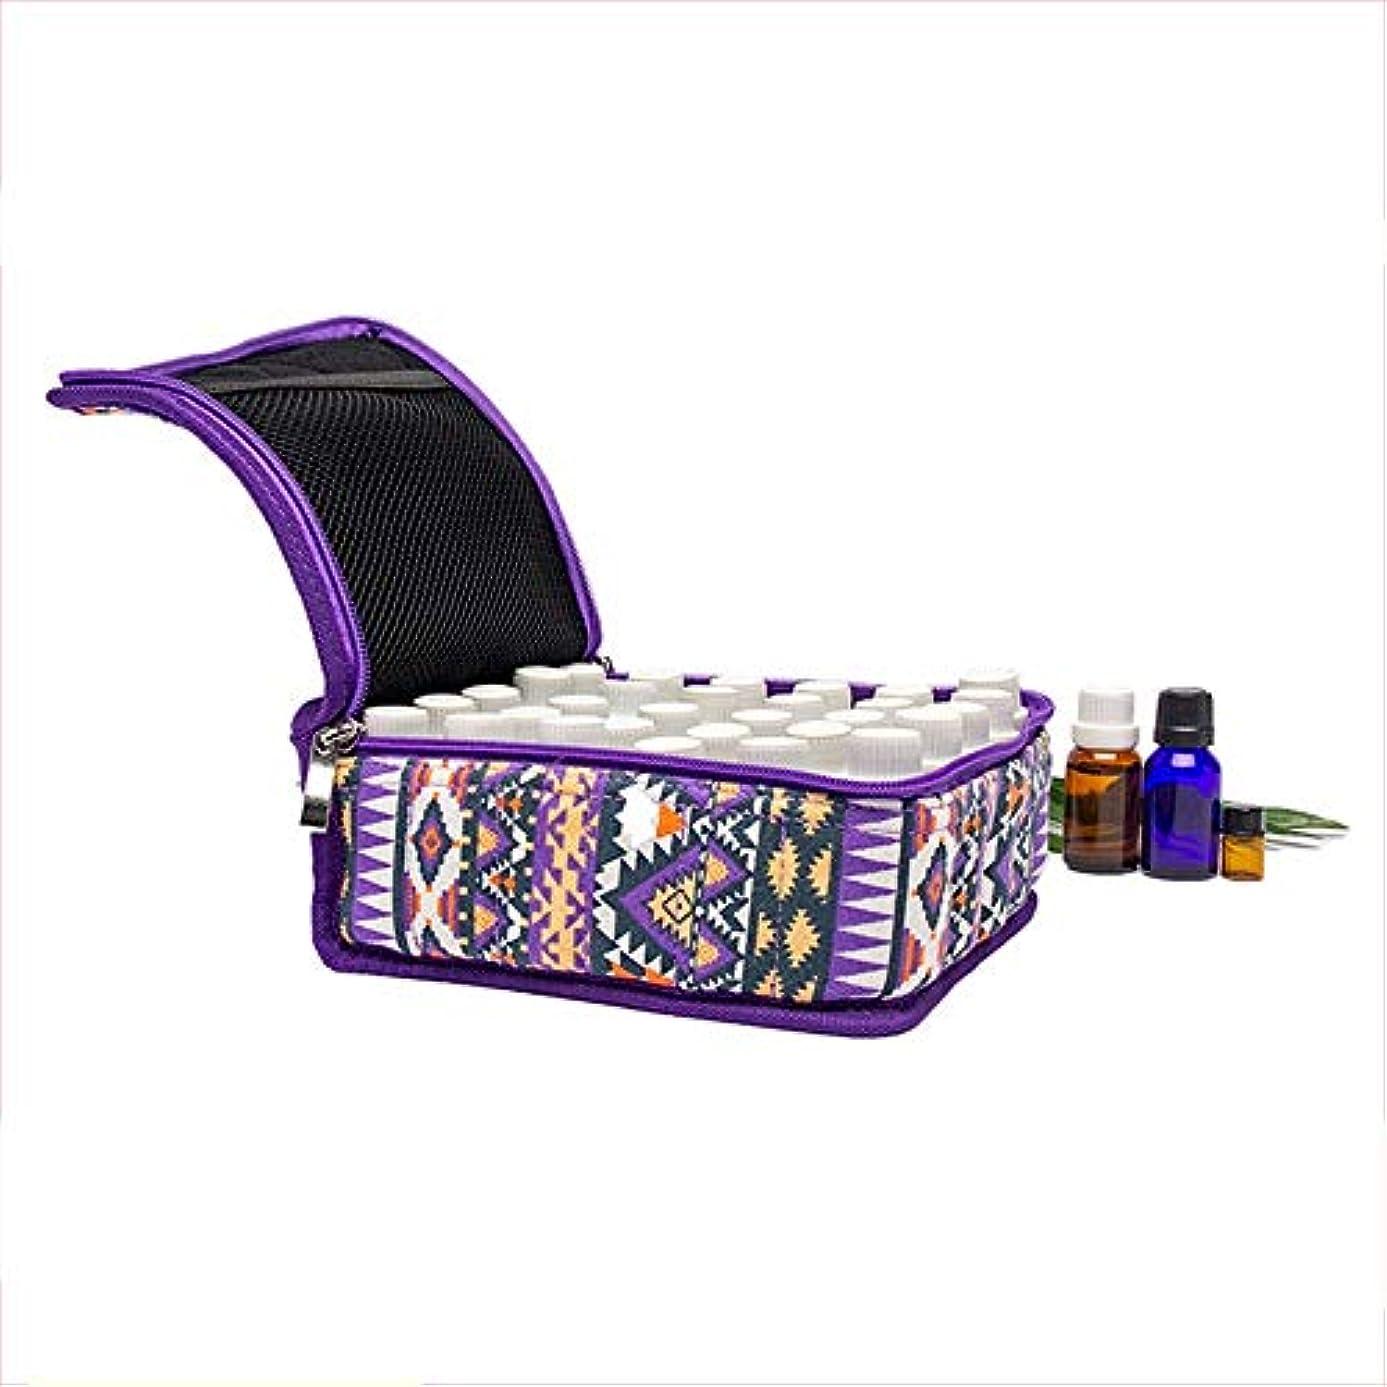 平和割り当てるスカウトエッセンシャルオイル収納ボックス エッセンシャルオイル収納ケース旅行エッセンシャルオイルキャリングケースは、30本のボトル10ミリリットルバイアルエッセンシャルオイルオーガナイザーバッグを開催します (色 : 紫の, サイズ...